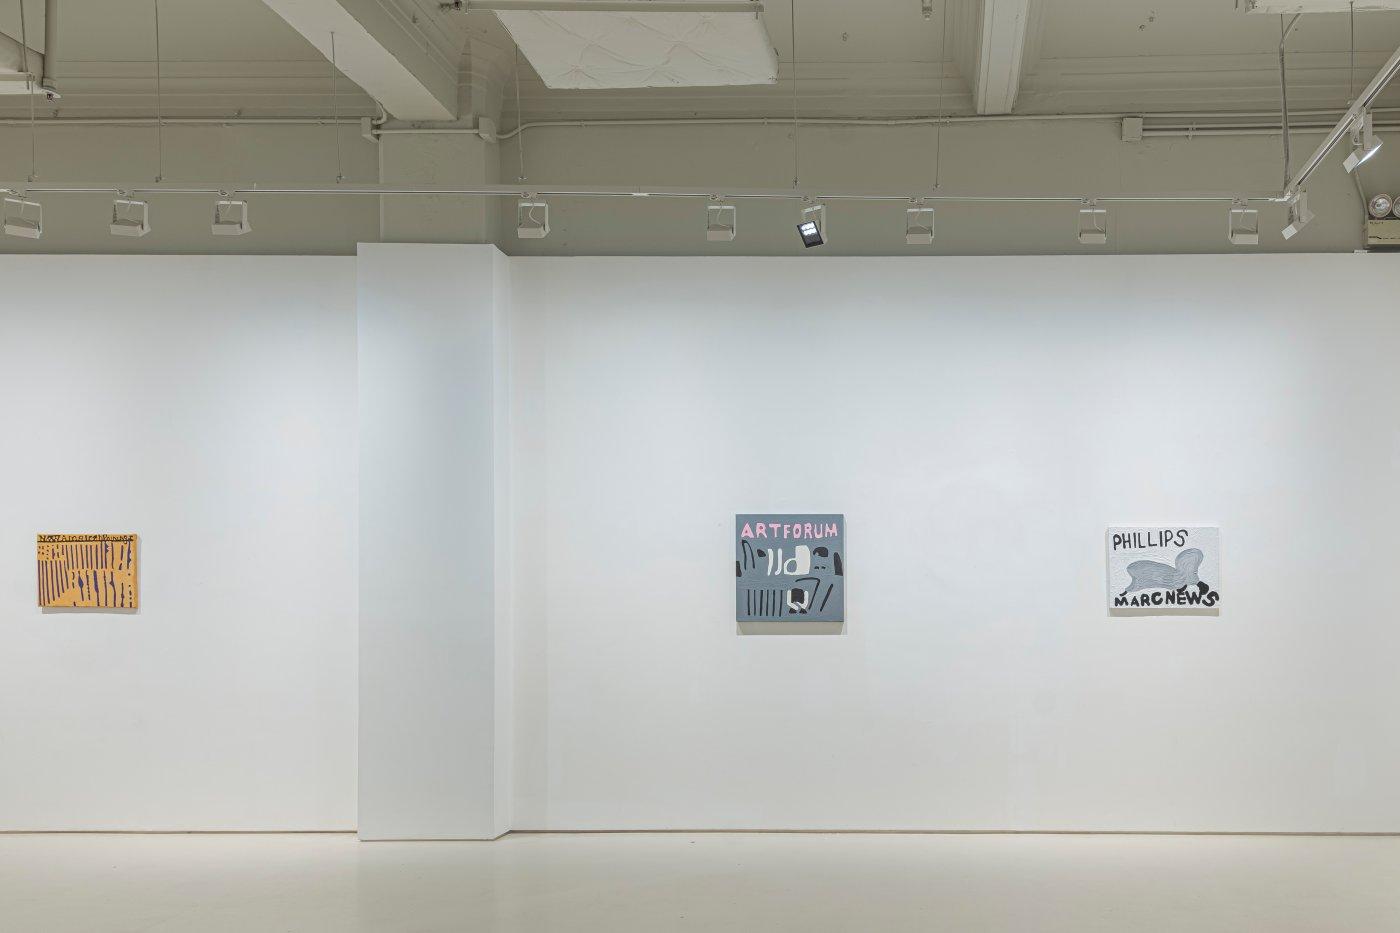 Massimo de Carlo Hong Kong Marlon Mullen 2